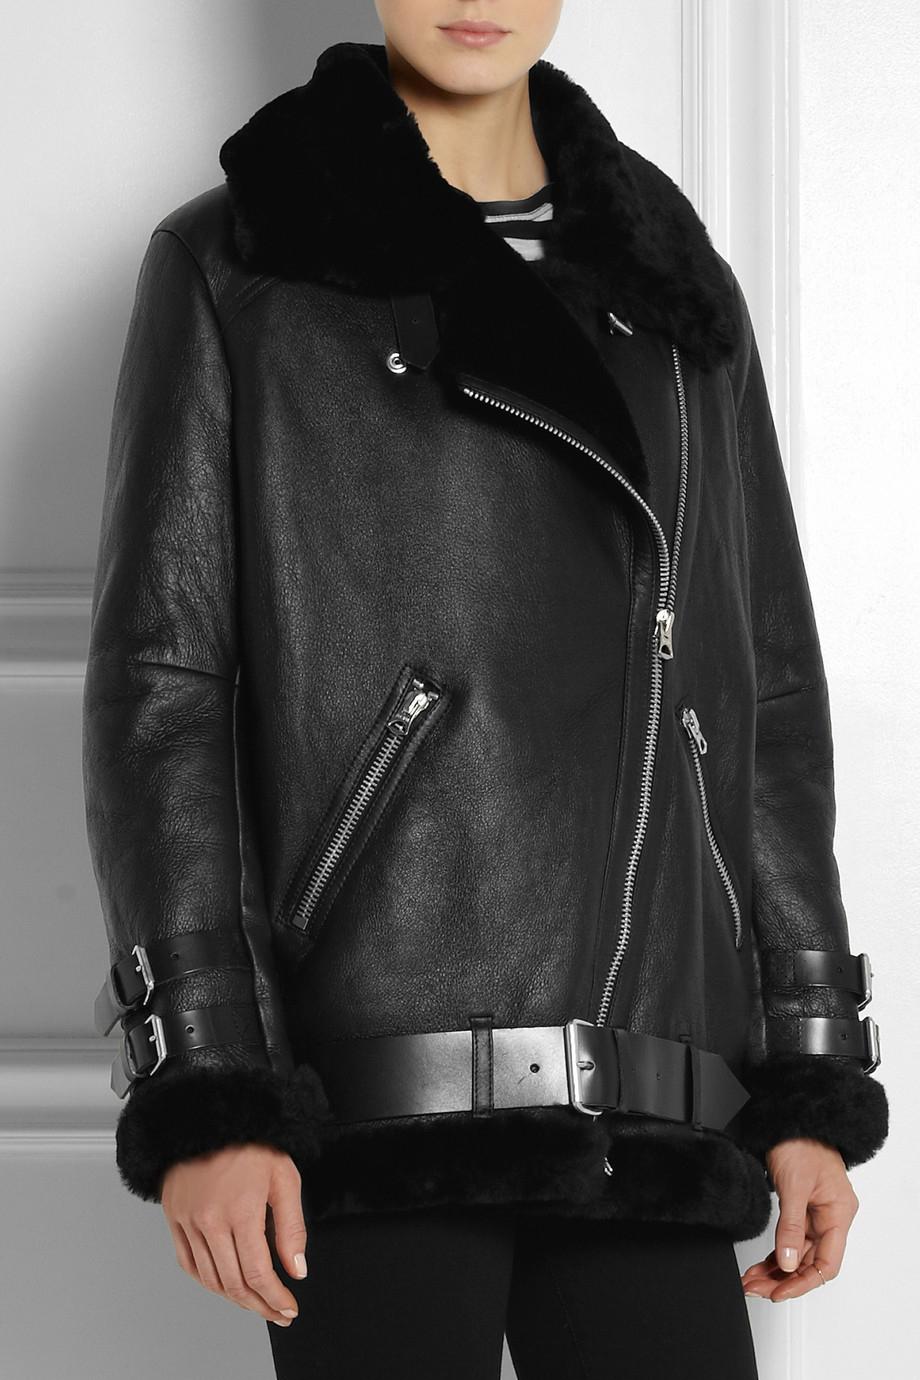 Acne studios Velocite Oversized Shearling Biker Jacket in Black | Lyst